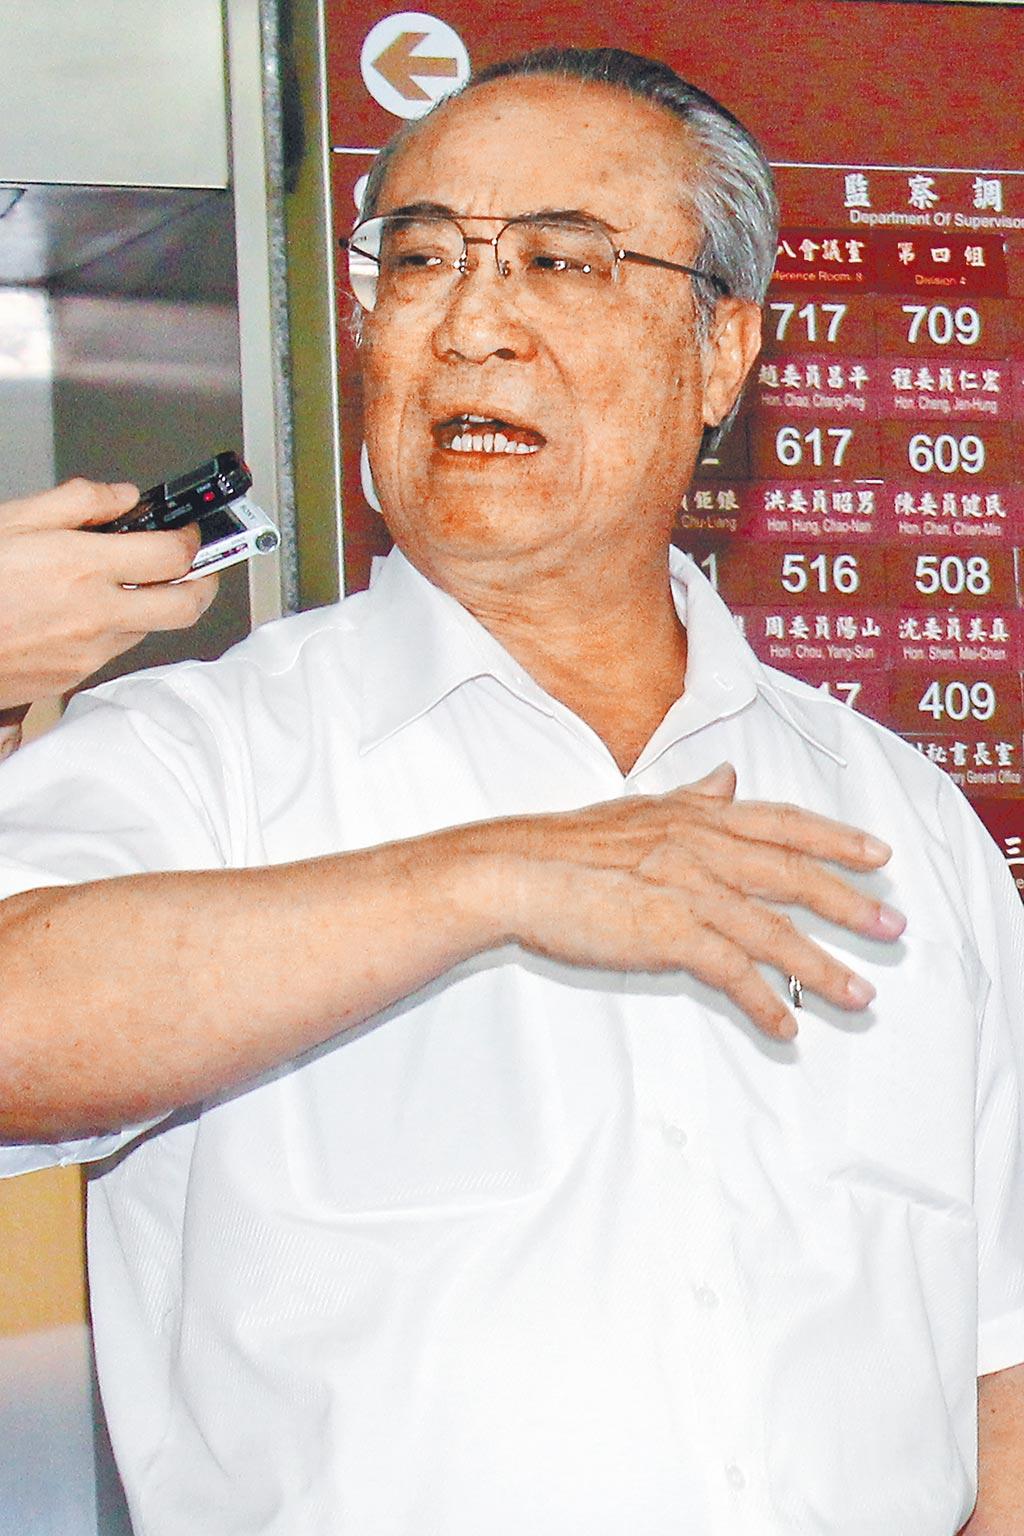 """民进党当局接受美日疫苗拒绝大陆疫苗,前官员批""""政治凌驾防疫"""""""